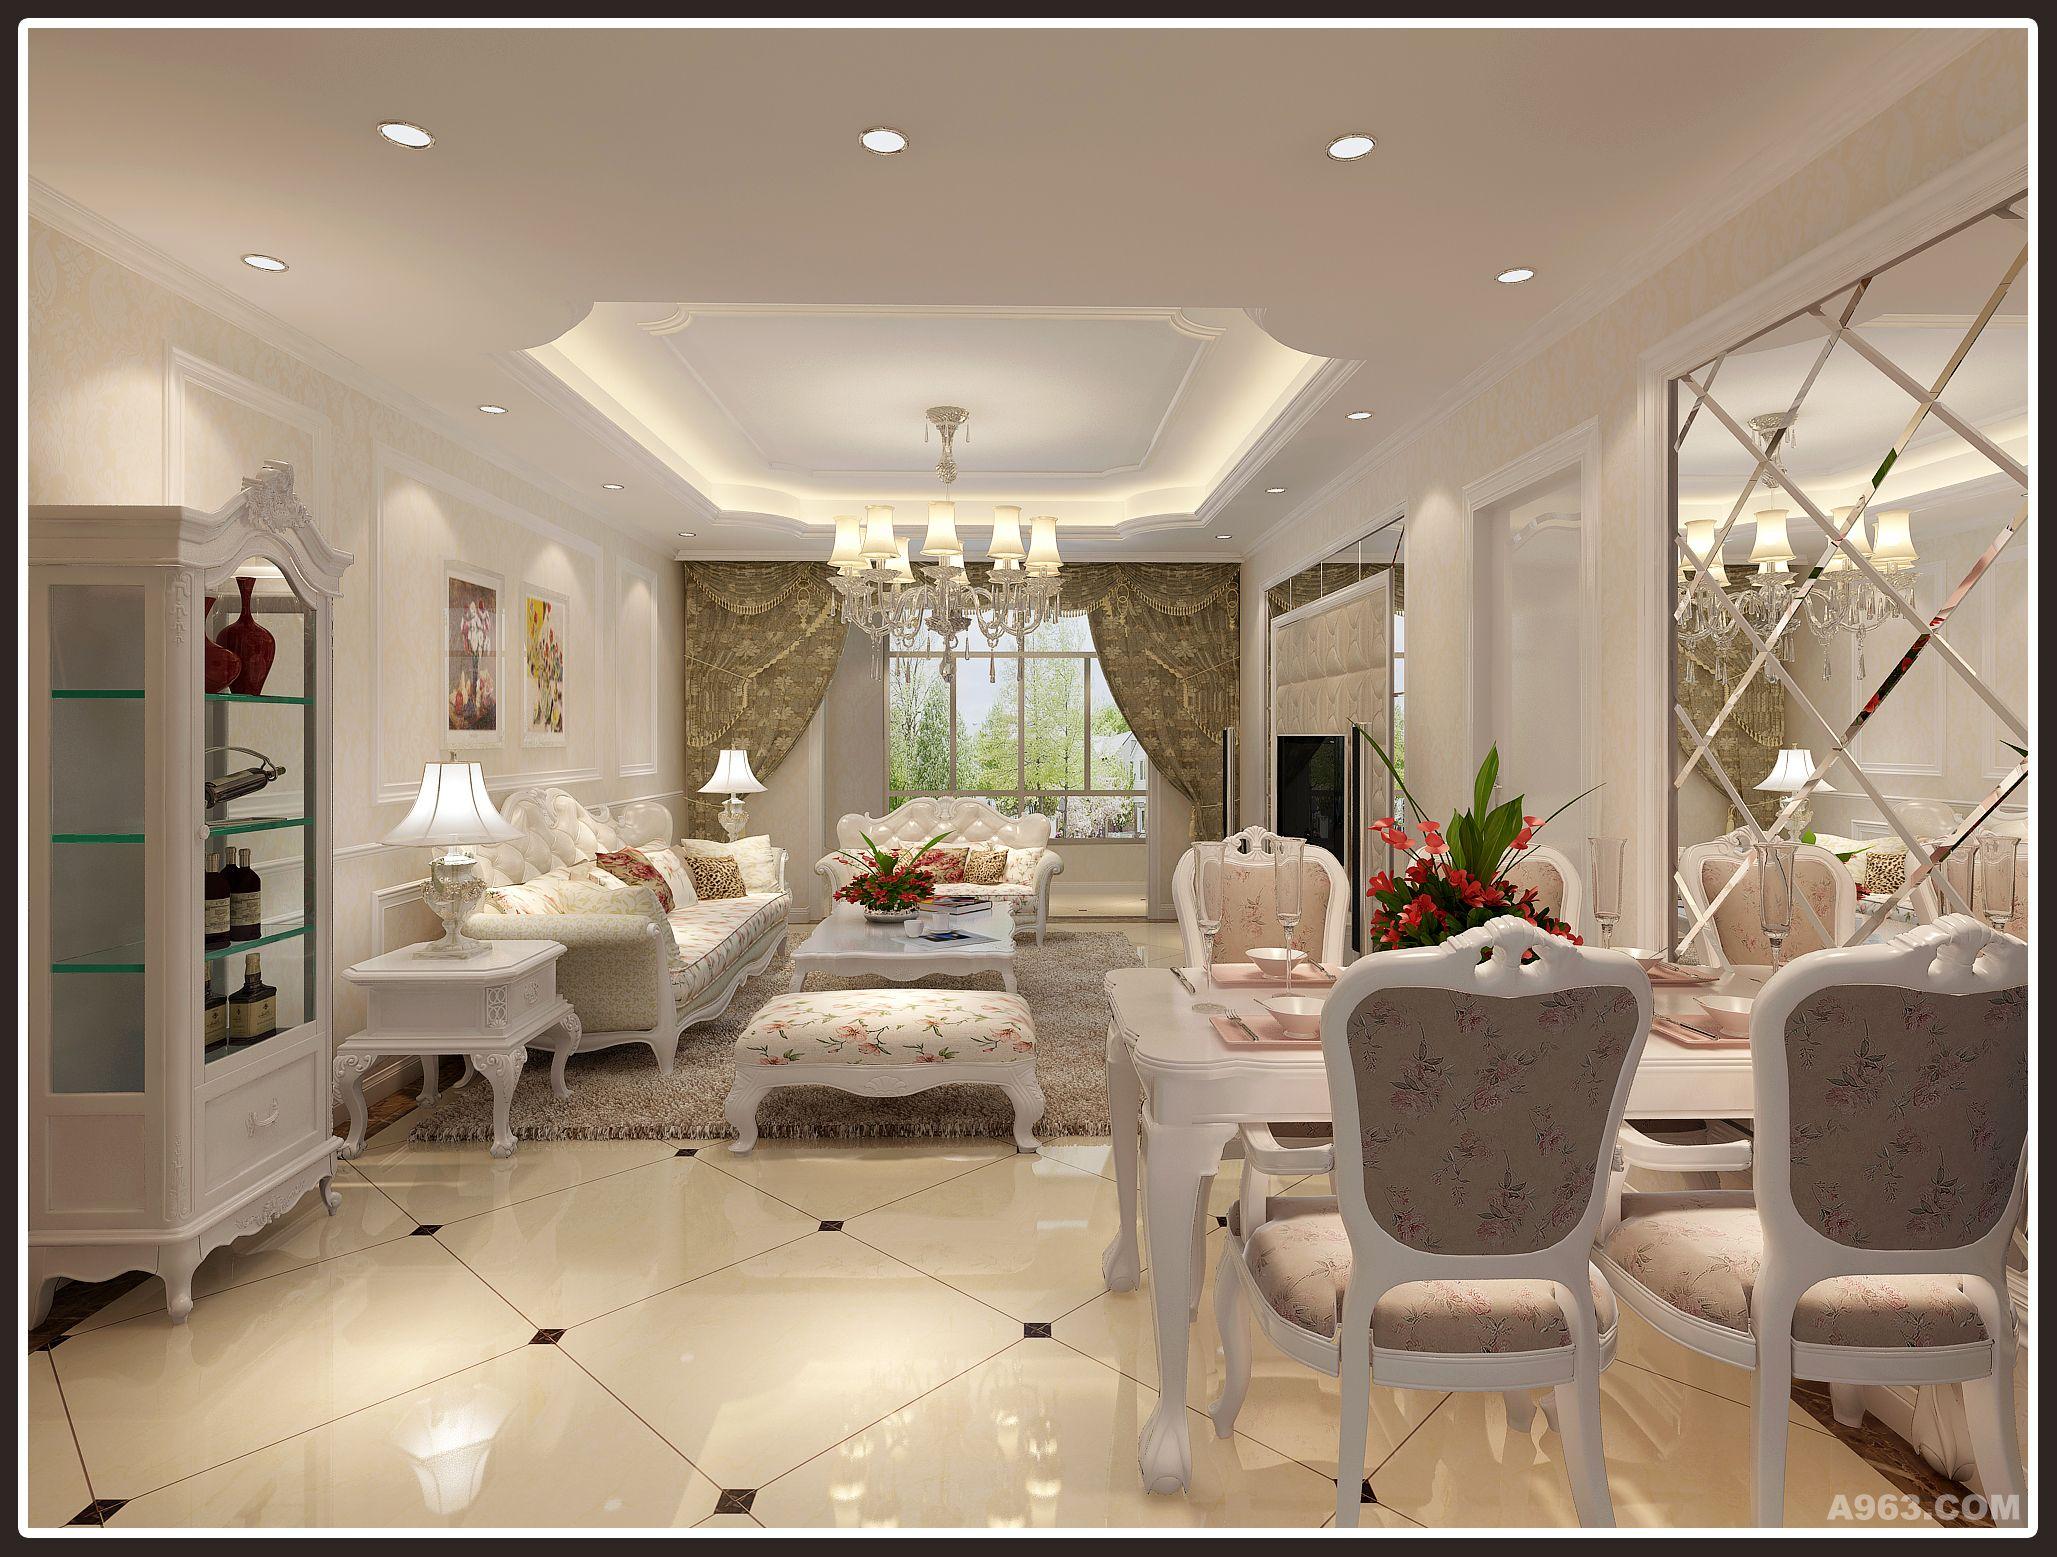 施工单位:梵客家装 设计说明:三口之家,业主比较喜欢浅色 欧式风格